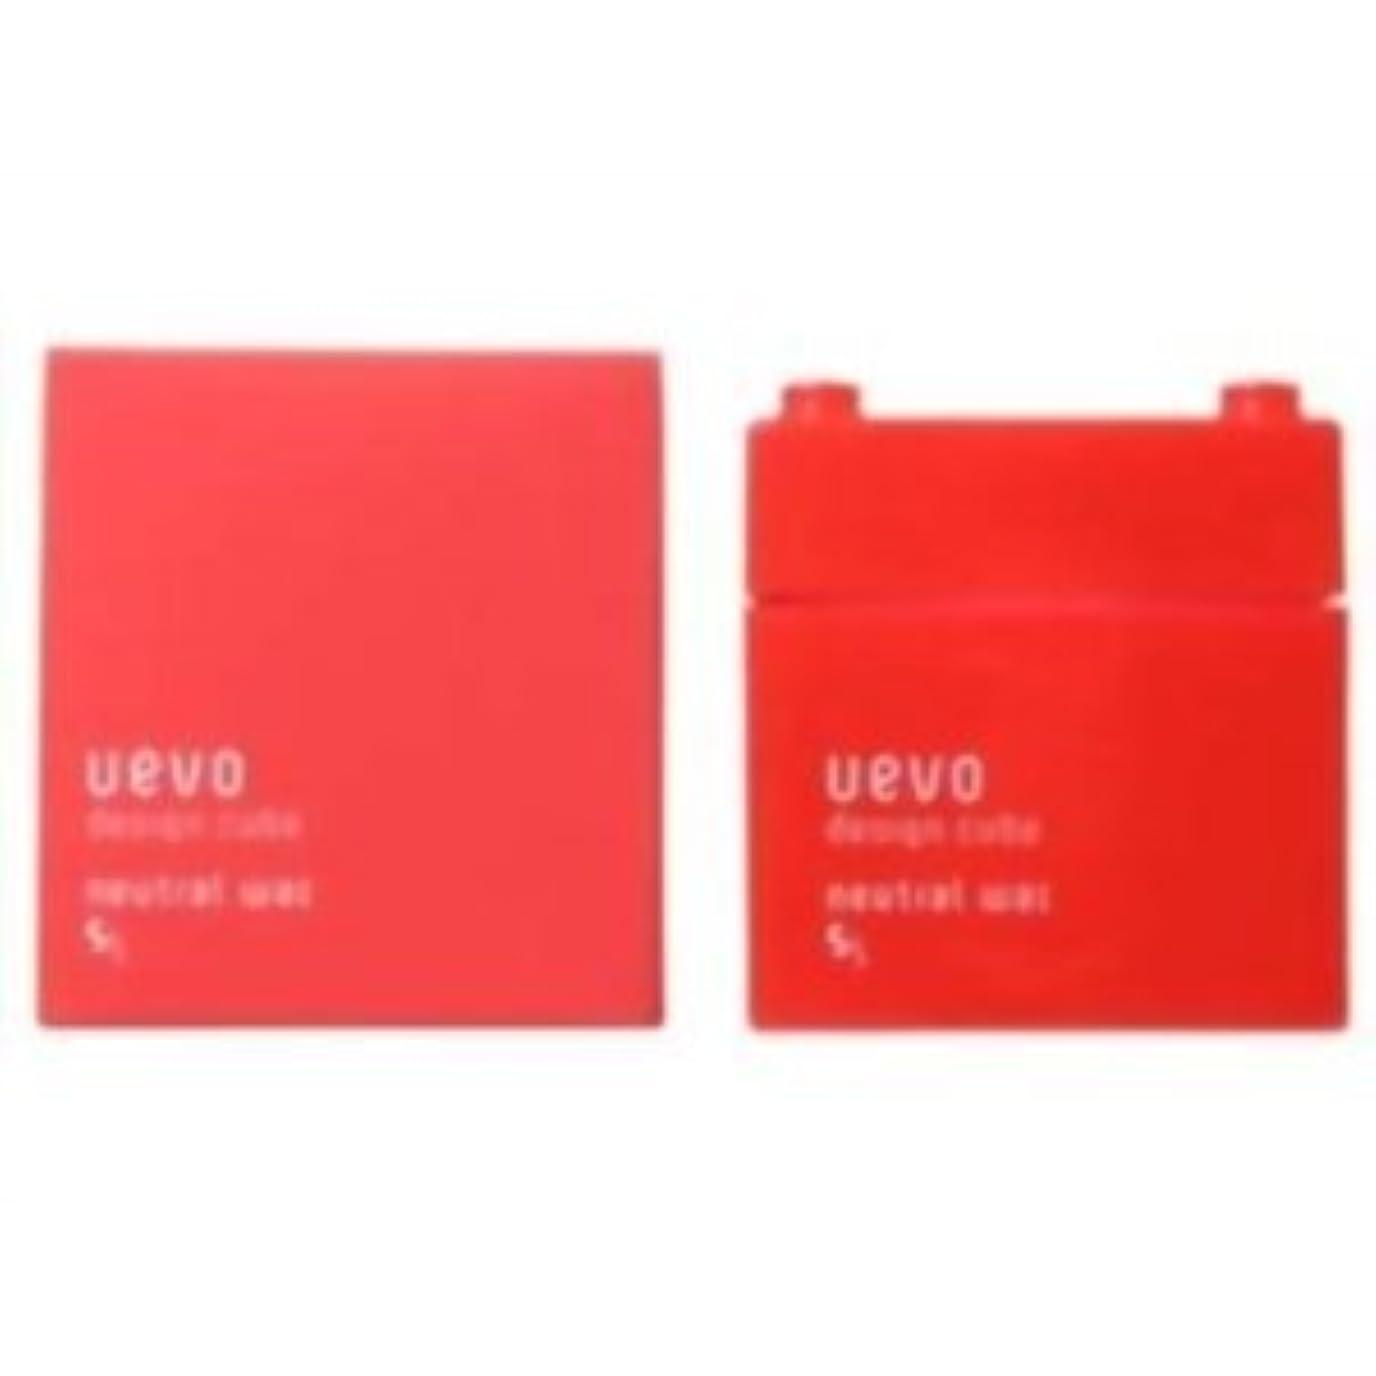 断片モンク治療【X2個セット】 デミ ウェーボ デザインキューブ ニュートラルワックス 80g neutral wax DEMI uevo design cube